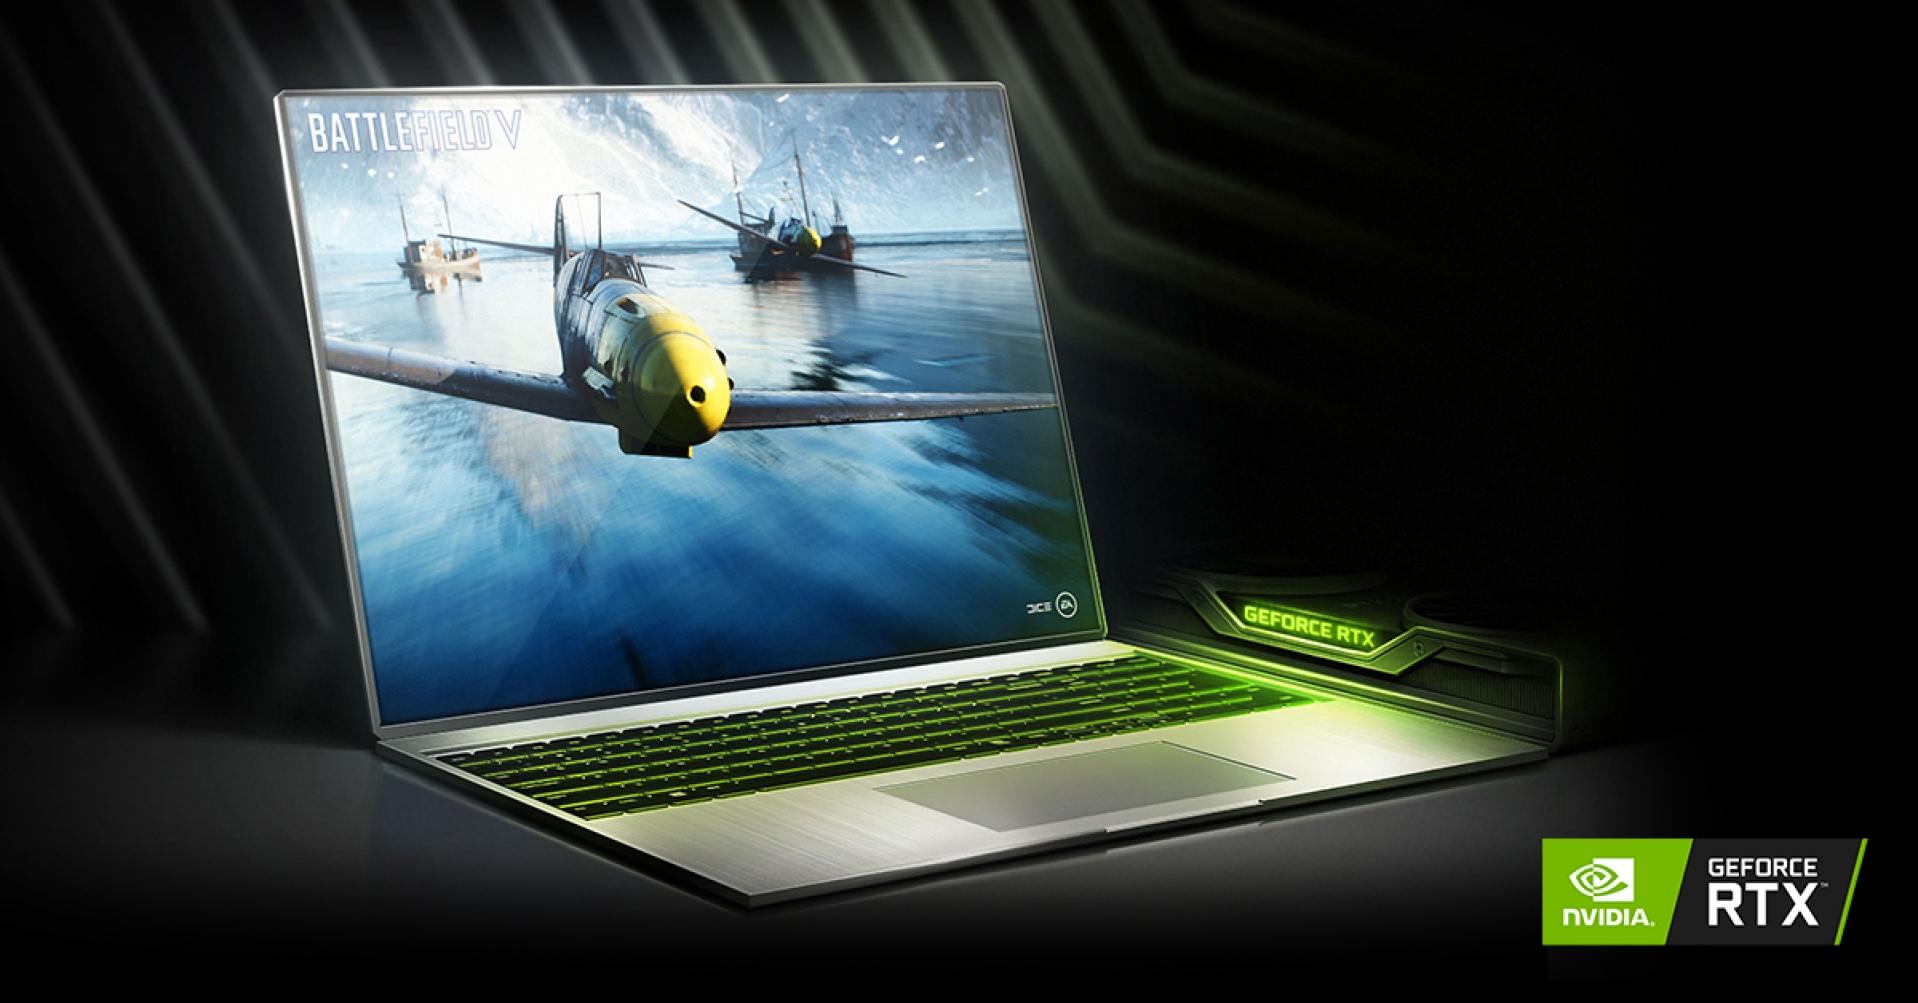 NVIDIA RTX 3000 GPUs & AMD Ryzen 5000H APUs